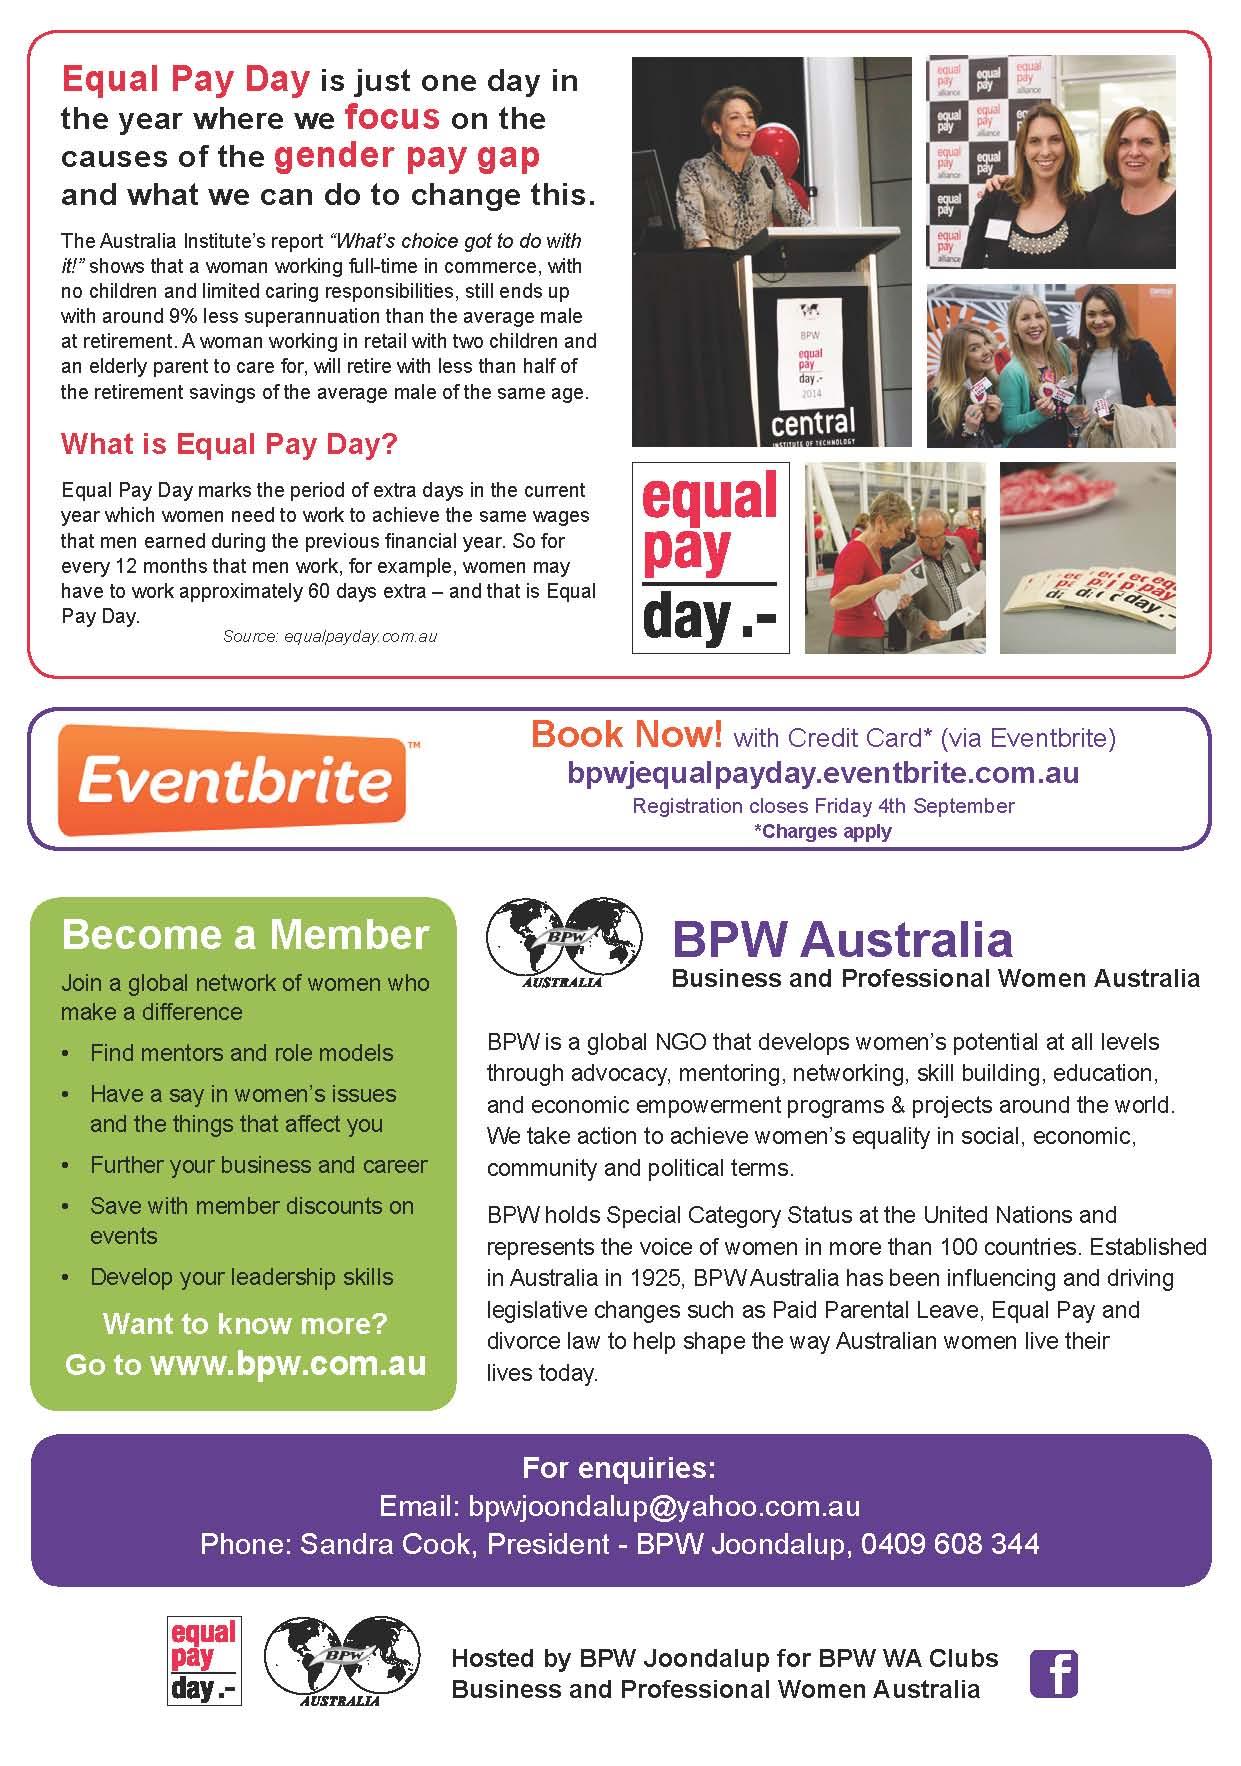 BPW Australia - Equal Pay Day WA